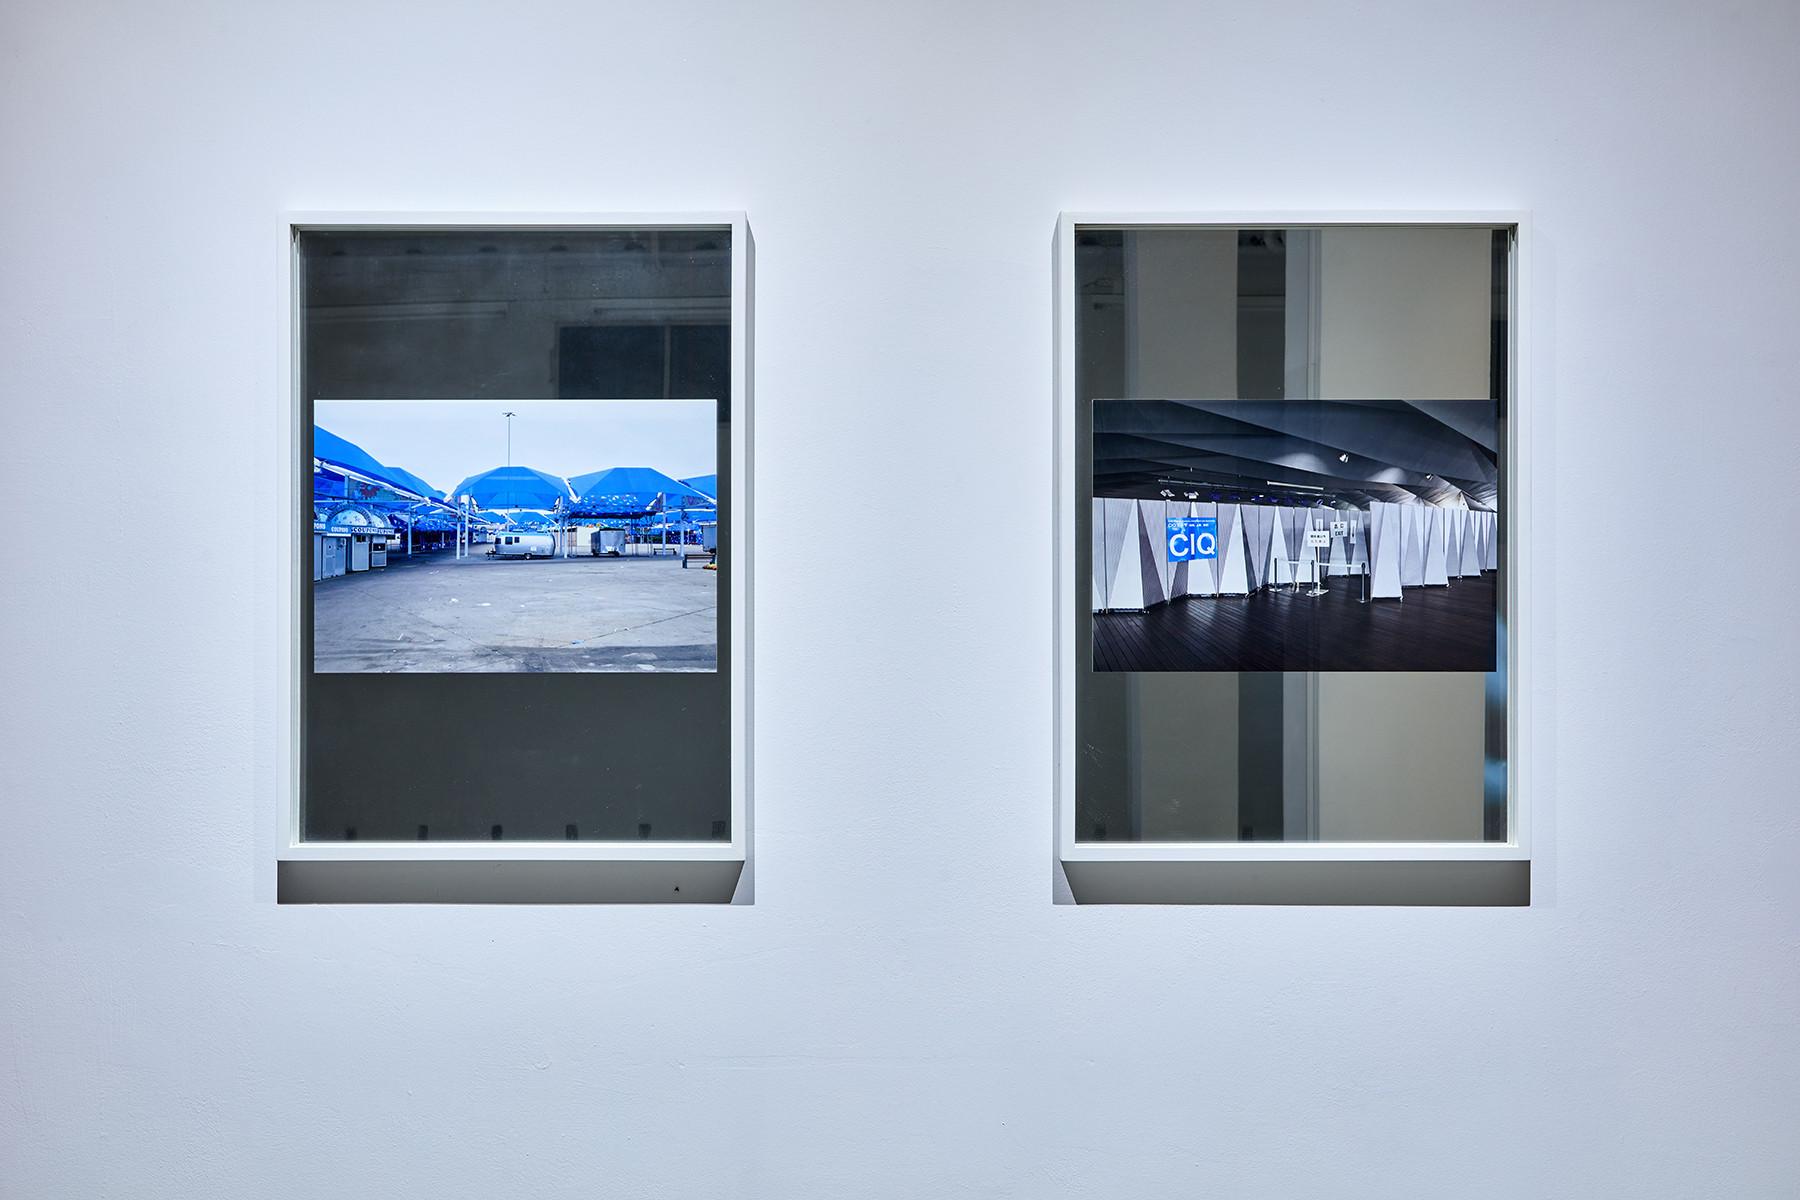 Andreas Fogarasi: Mirrors – State Fair of Texas, Dallas, 2013. C-Print on mirror | Mirrors –Yokohama Pier Port Terminal, Yokohama (Foreign Office Architects, 2002), 2013/2014. C-Print on mirror | photo: Dávid Biró